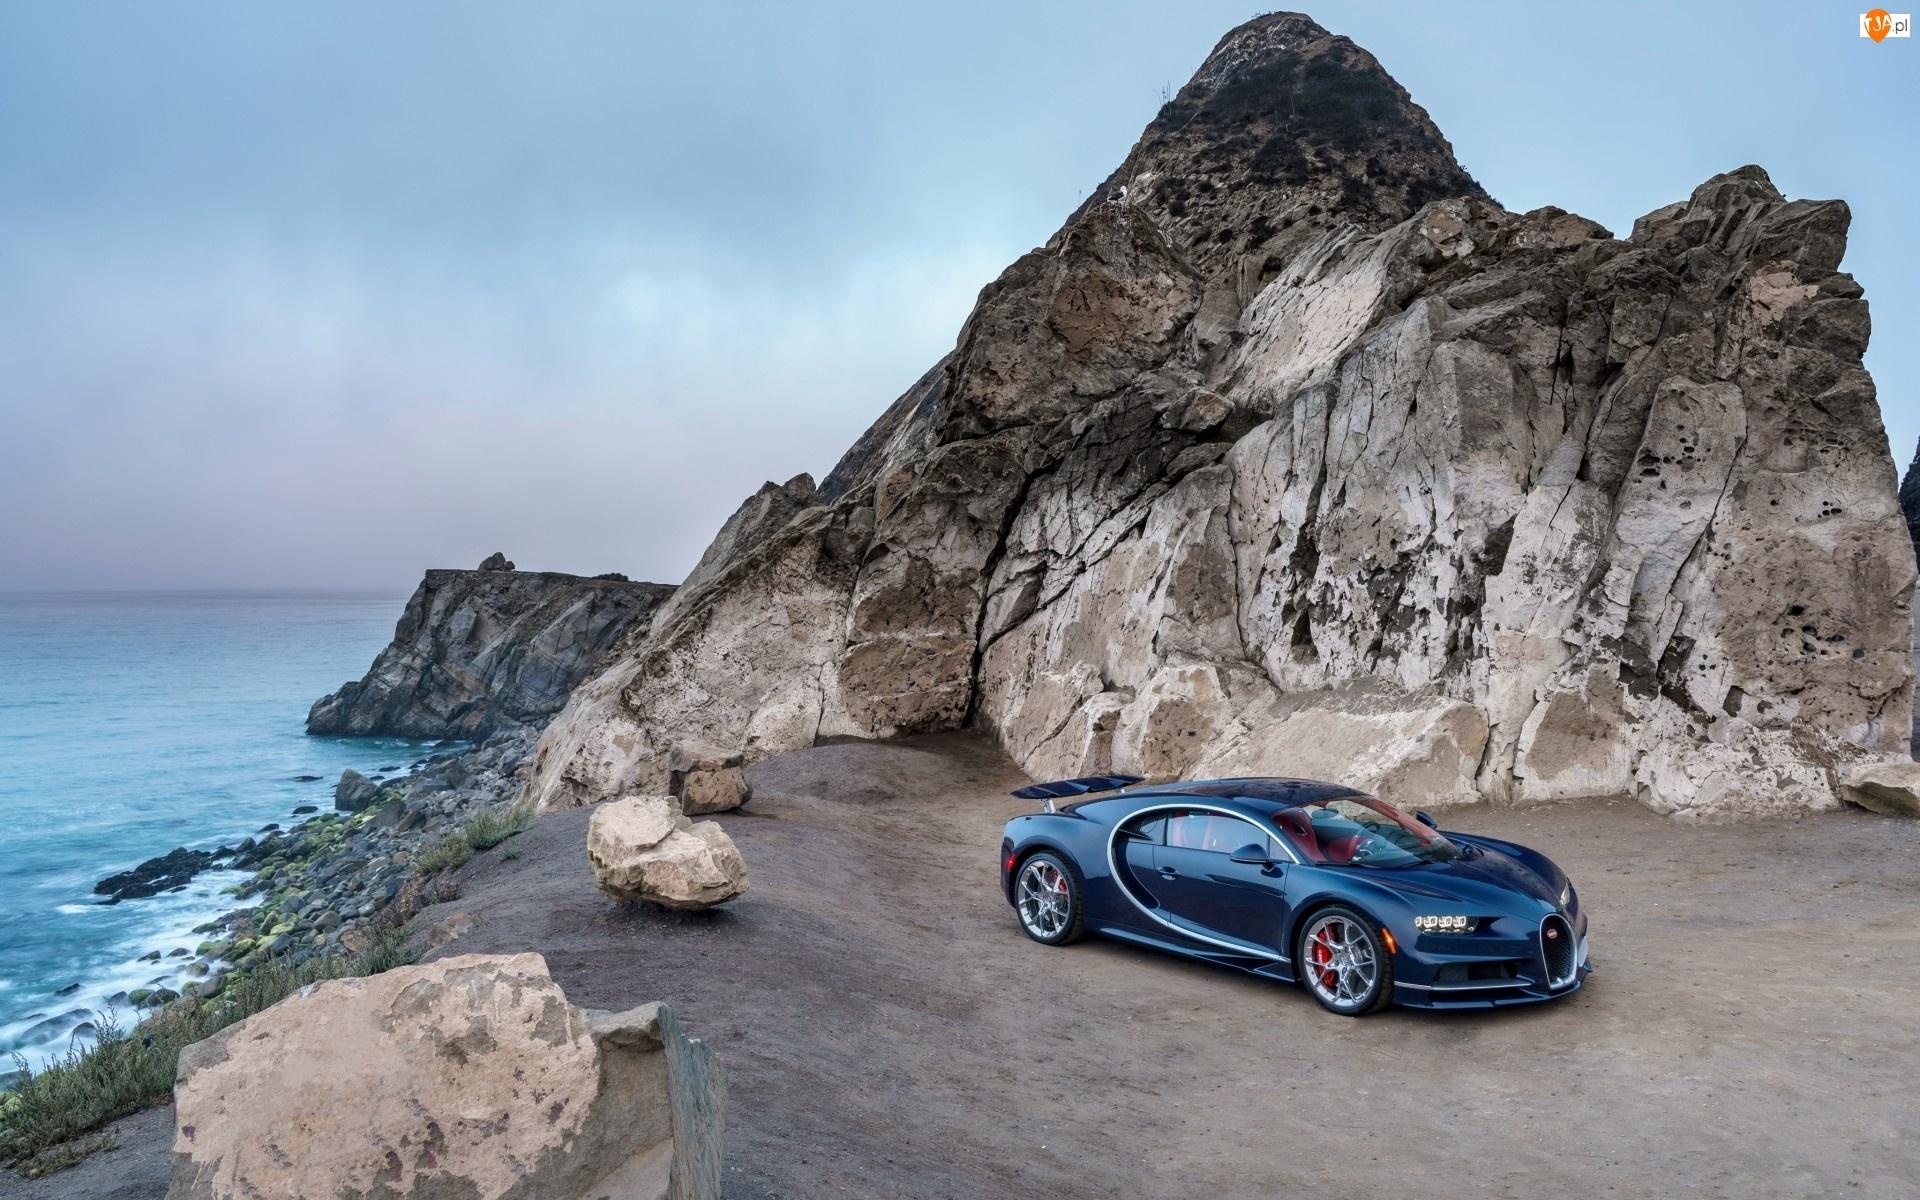 Skały, Bugatti Chiron, Kamienie, Morze